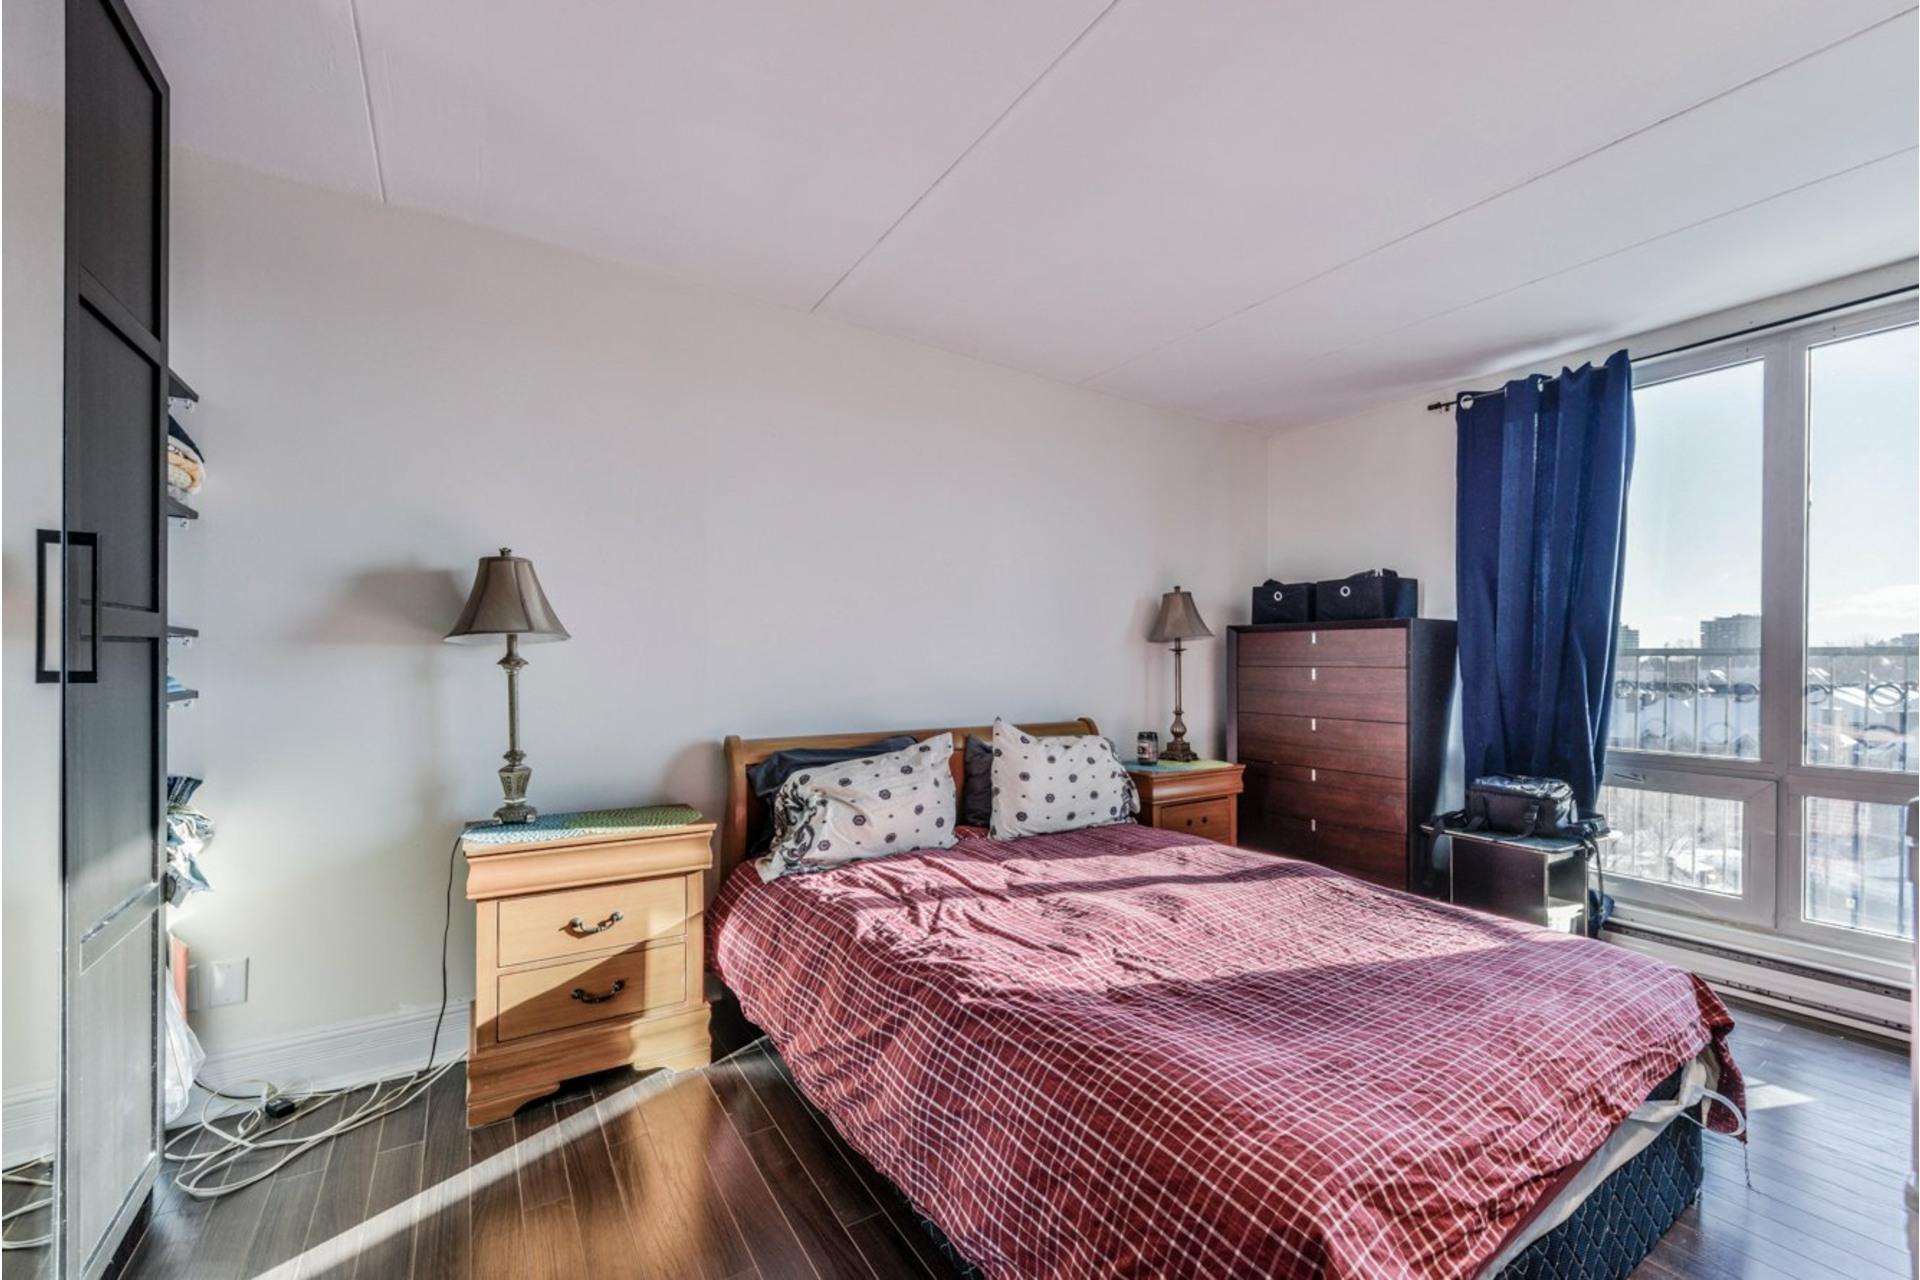 image 5 - Appartement À vendre Verdun/Île-des-Soeurs Montréal  - 5 pièces